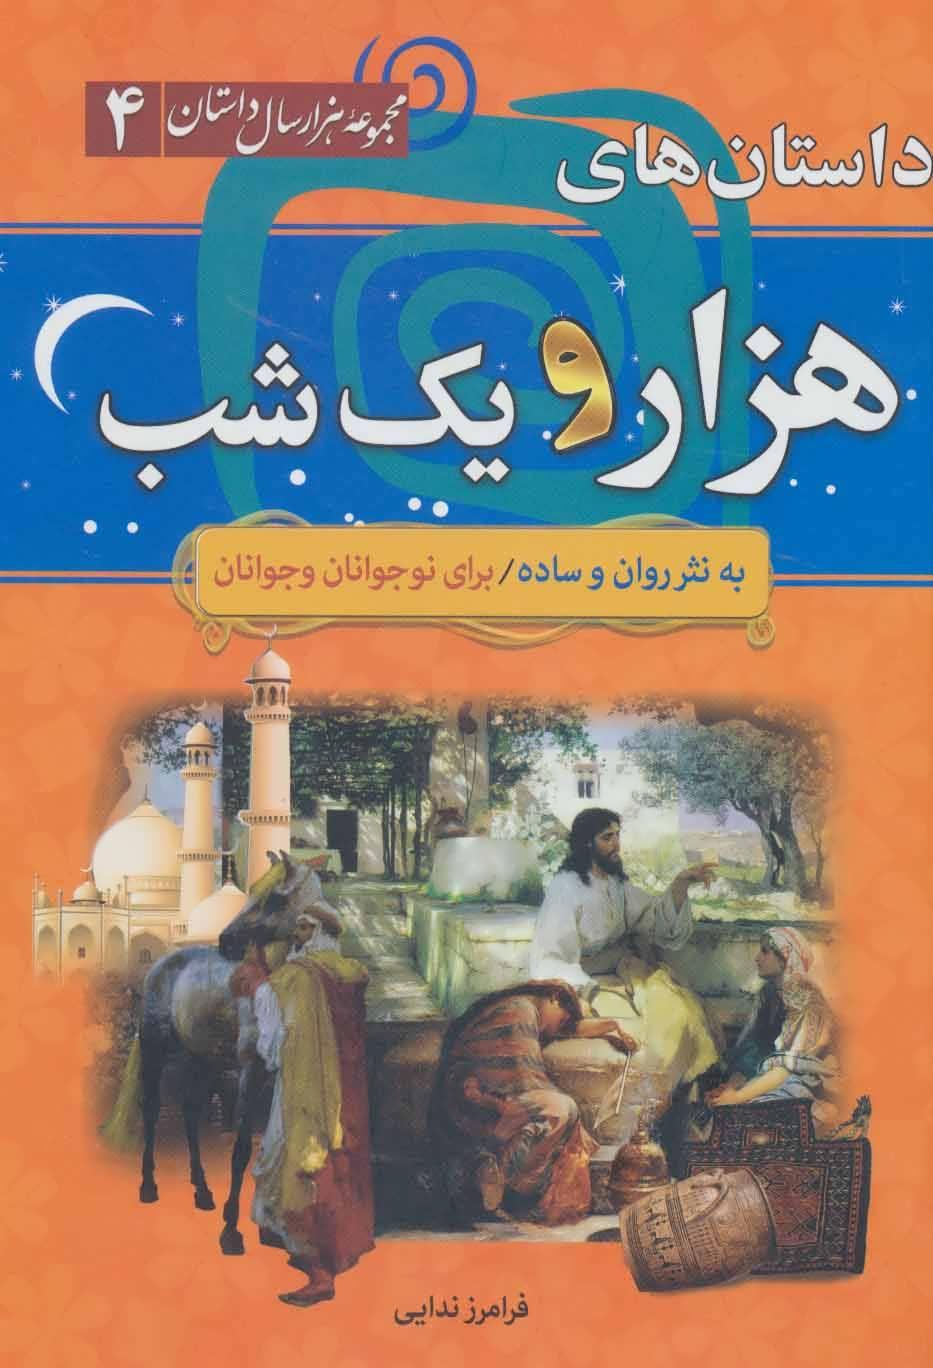 مجموعه هزار سال داستان 4 (داستان های هزار و یک شب)